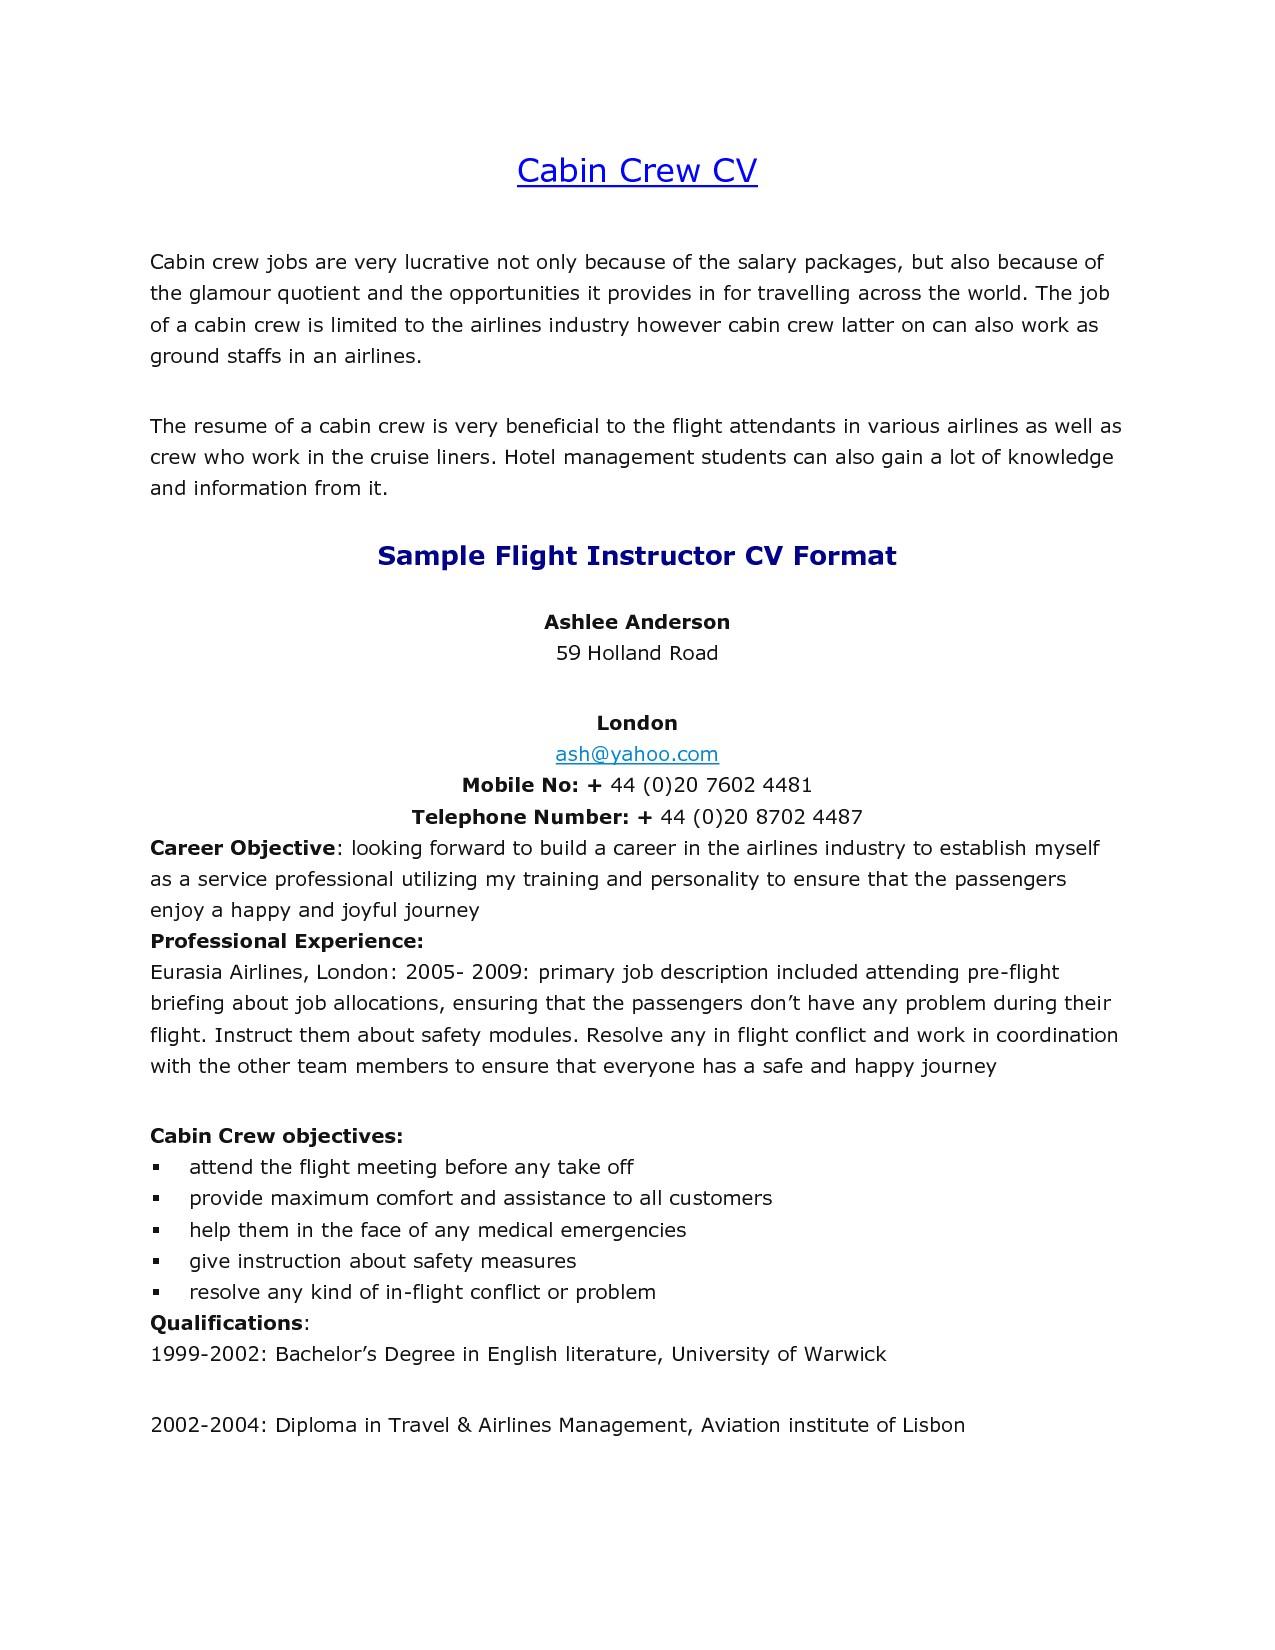 Sample Resume for Flight attendant Position Flight attendant Resume No Experience Sample Experience